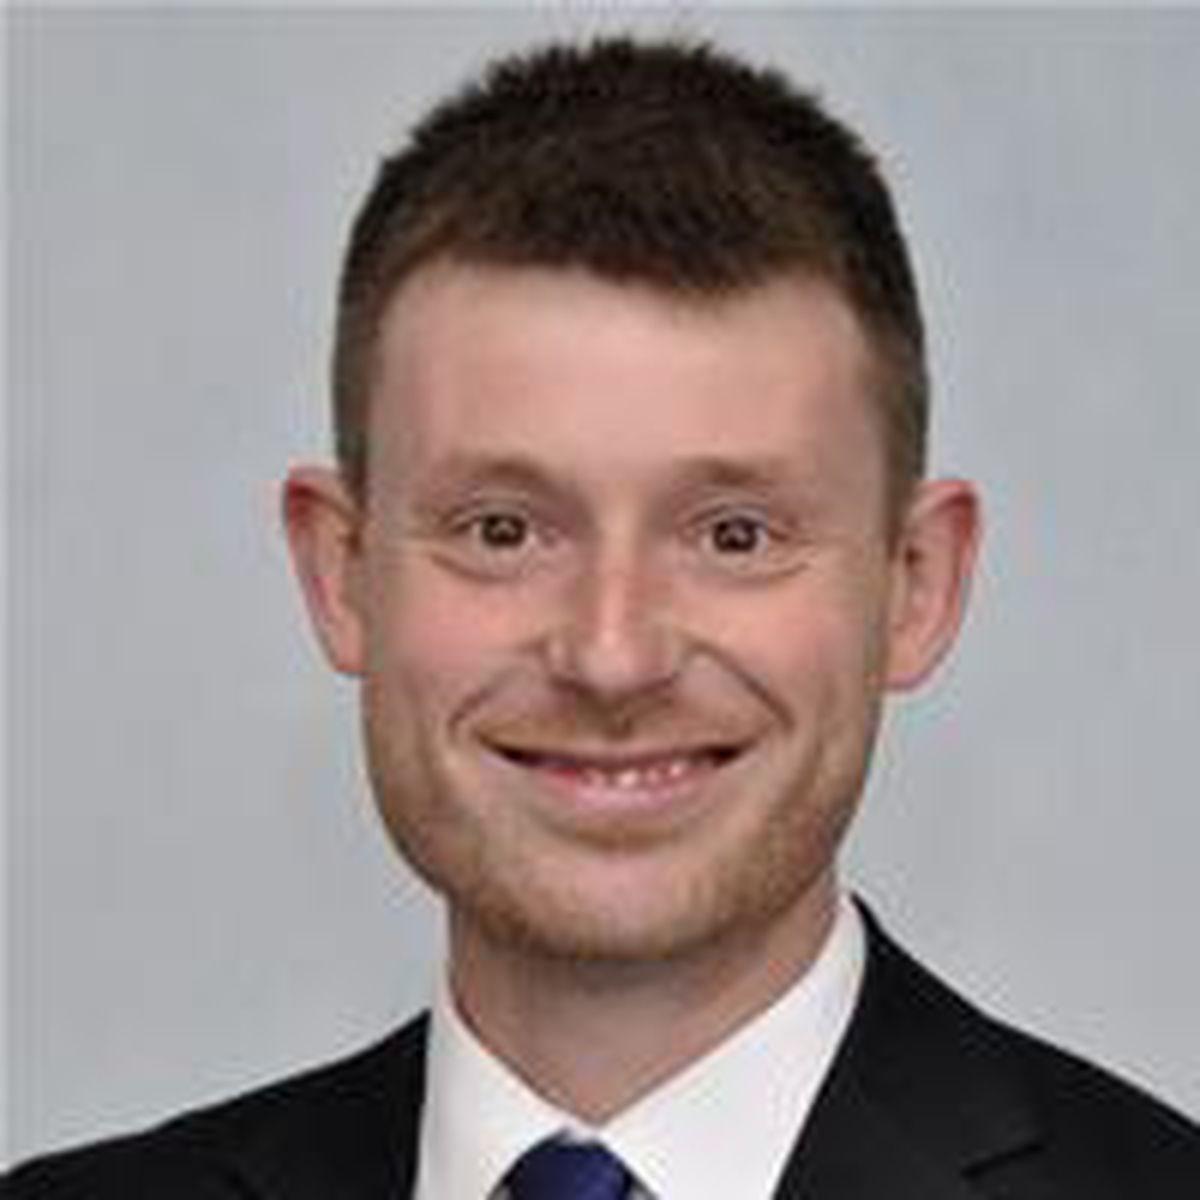 Elliott Lynch, Shropshire Councillor for Bridgnorth West & Tasley